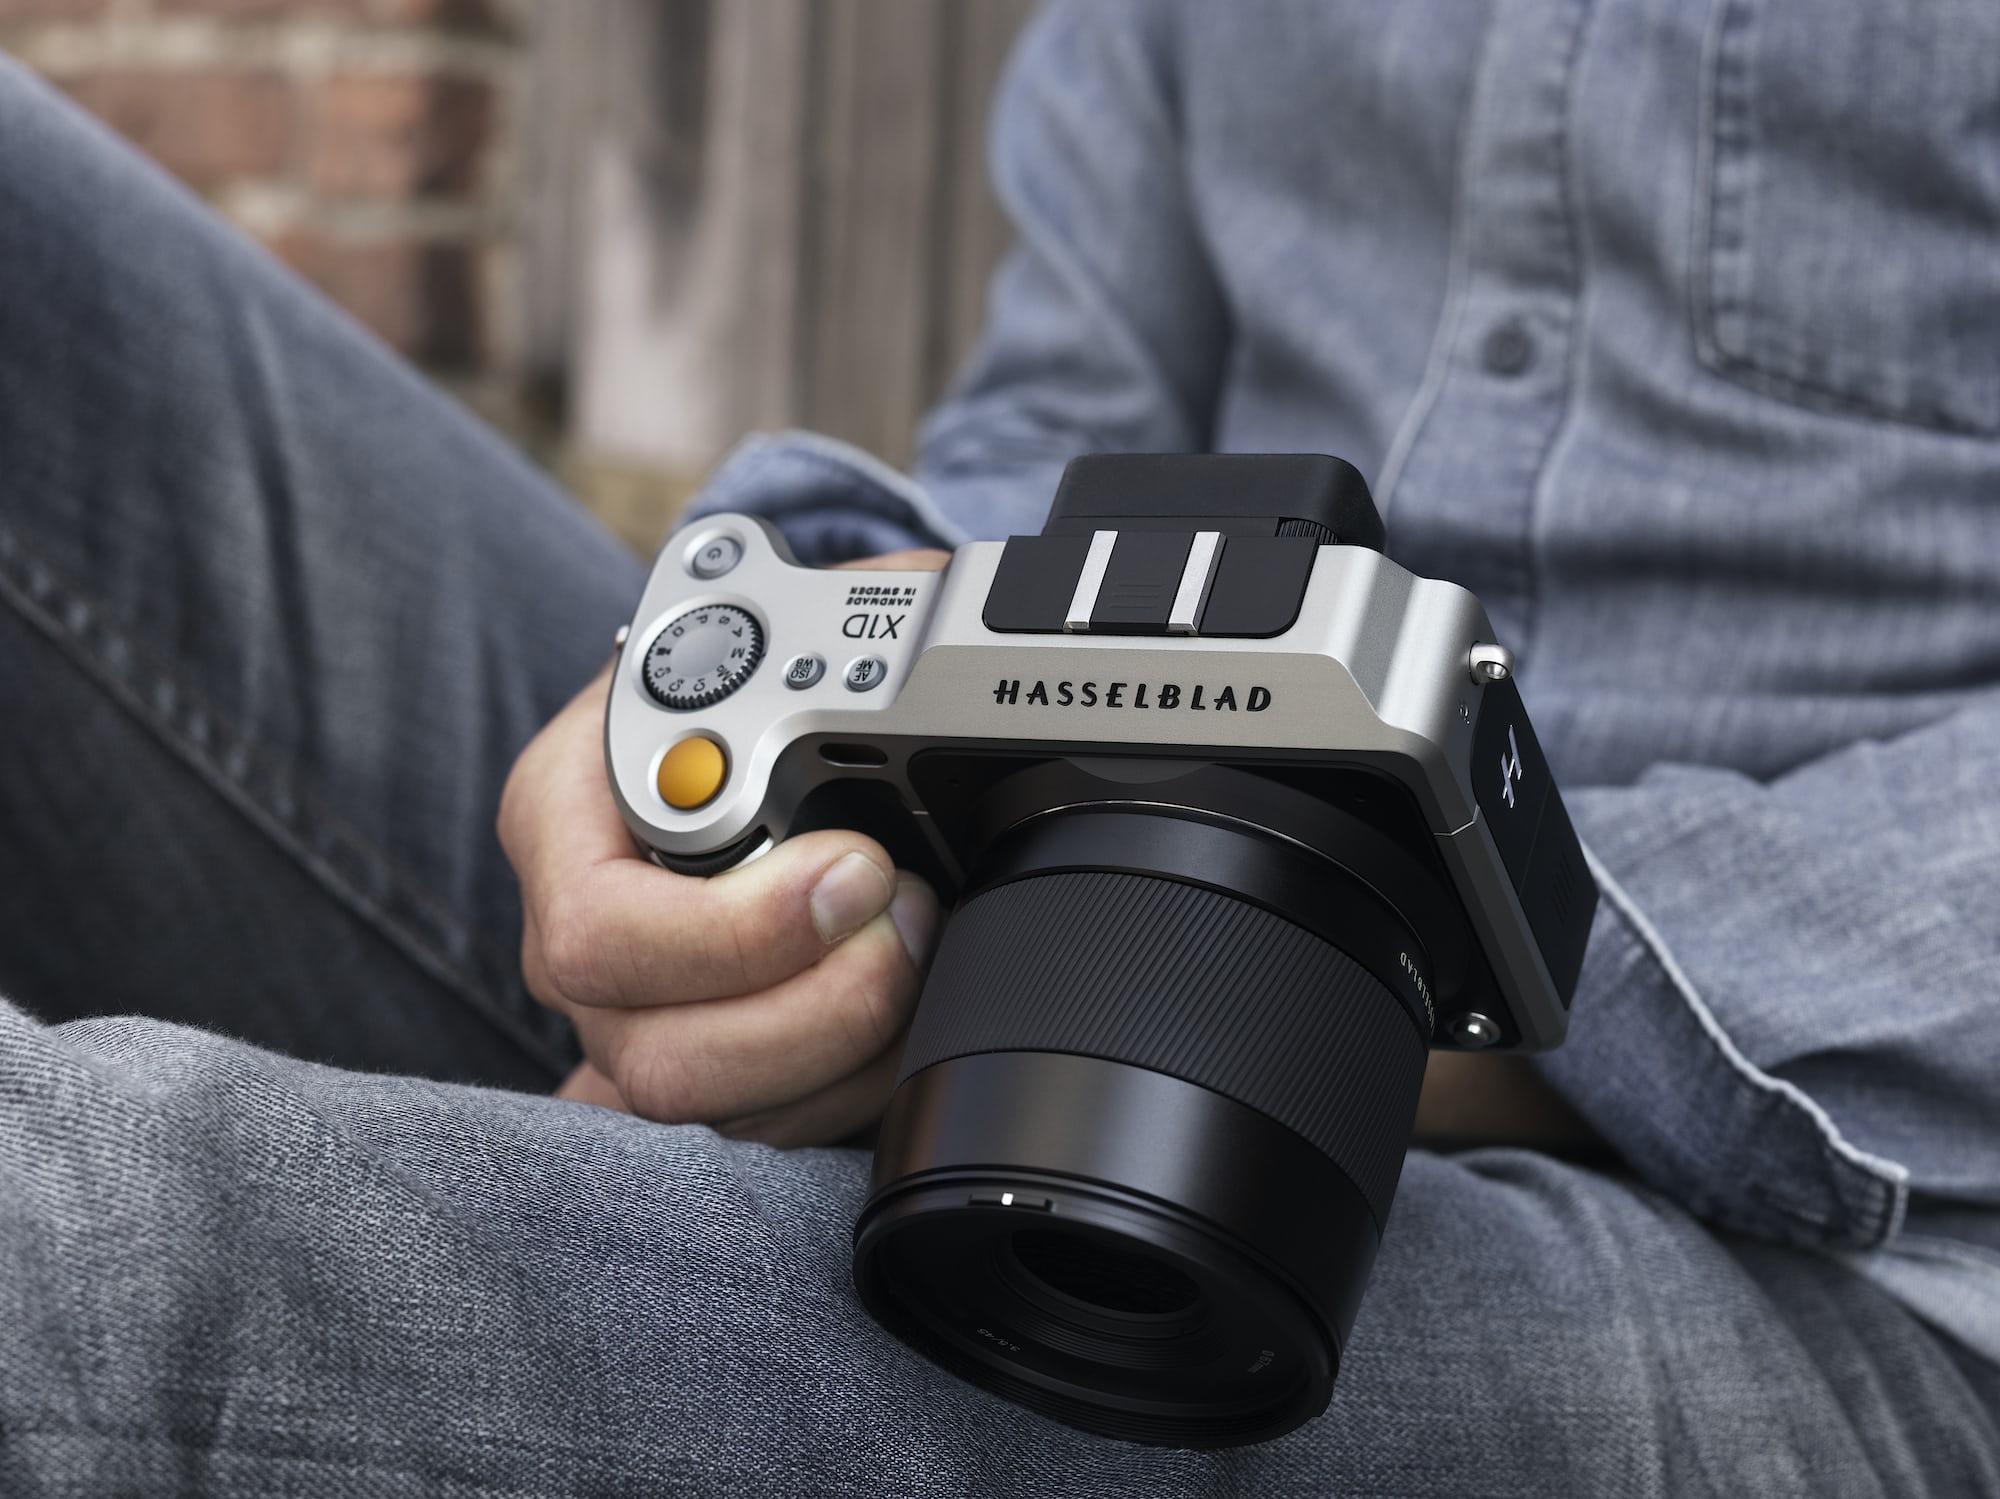 Hasselblad X1D-50c hand held